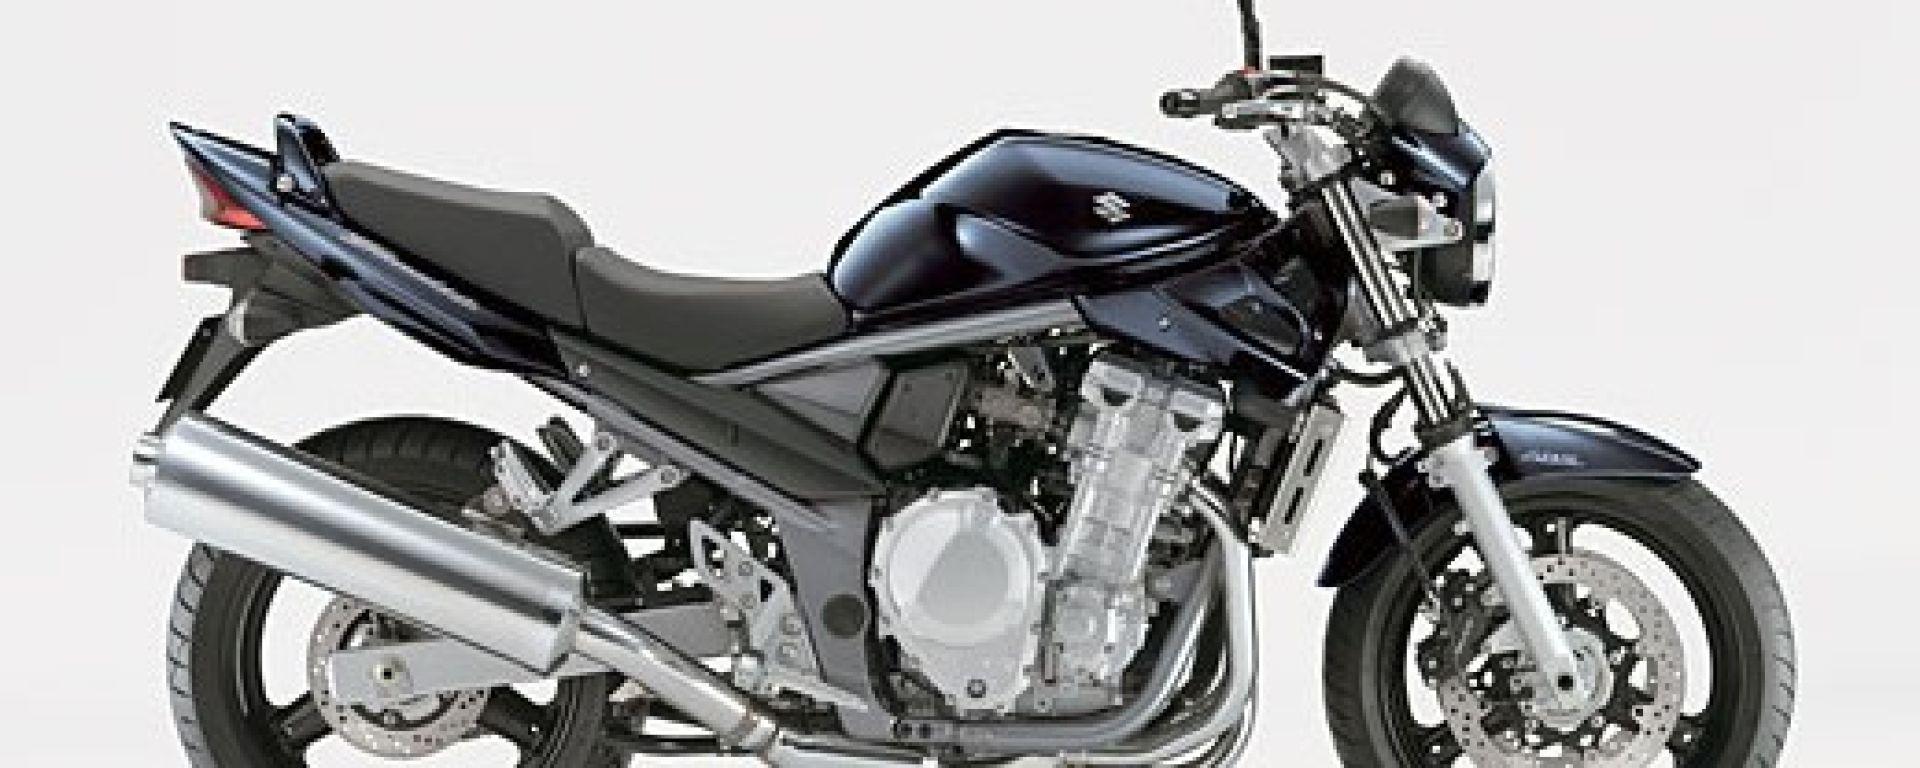 Suzuki Bandit 650/1250